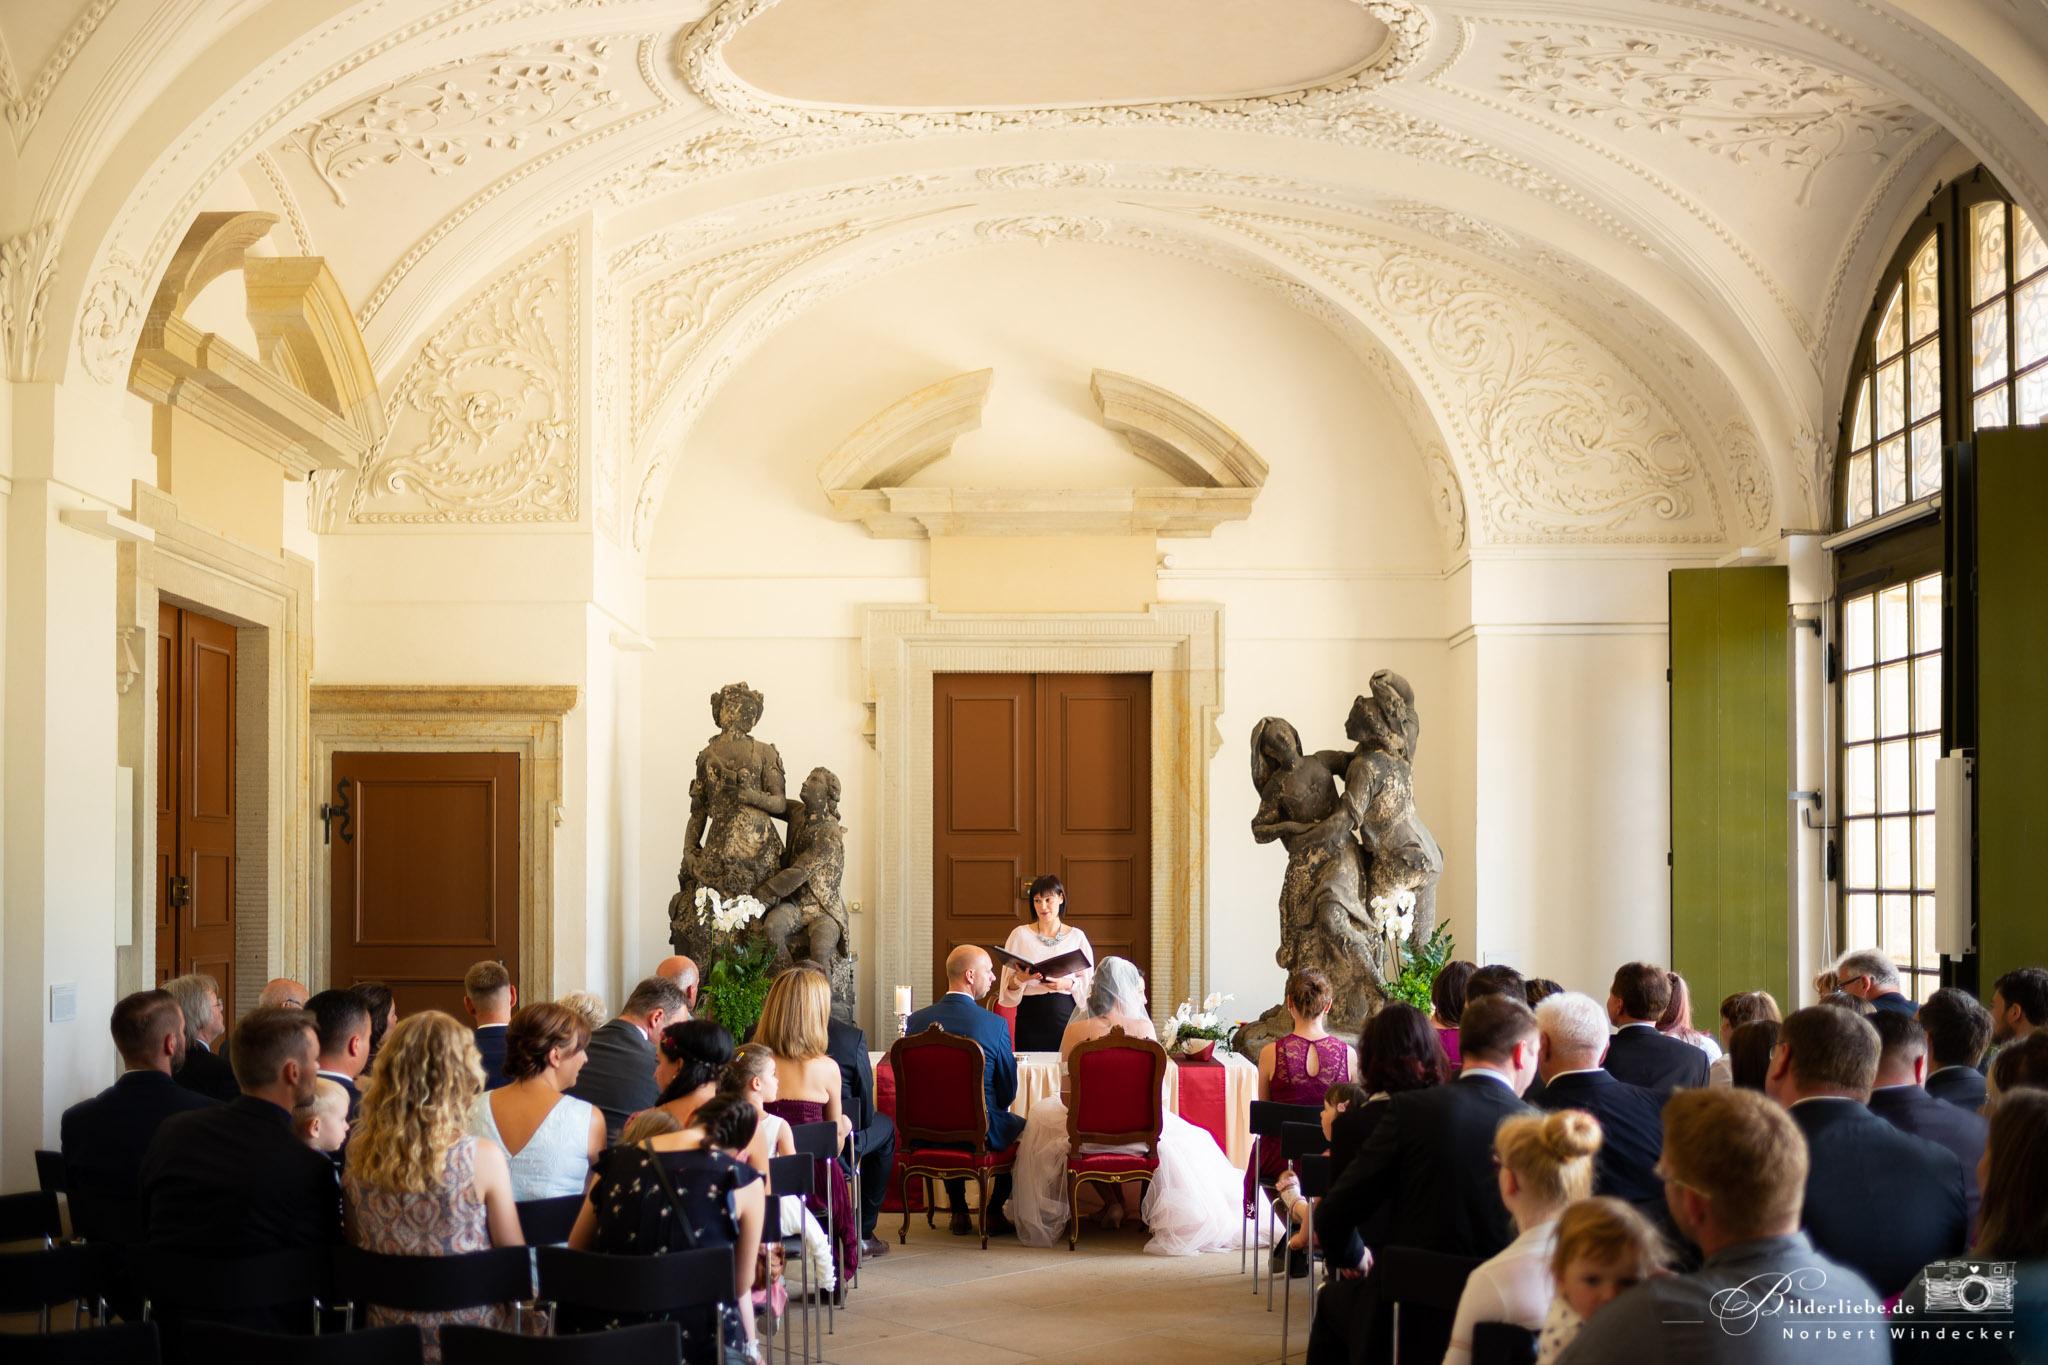 Trauung In Dresden Und Hochzeitsfeier Auf Dem Land